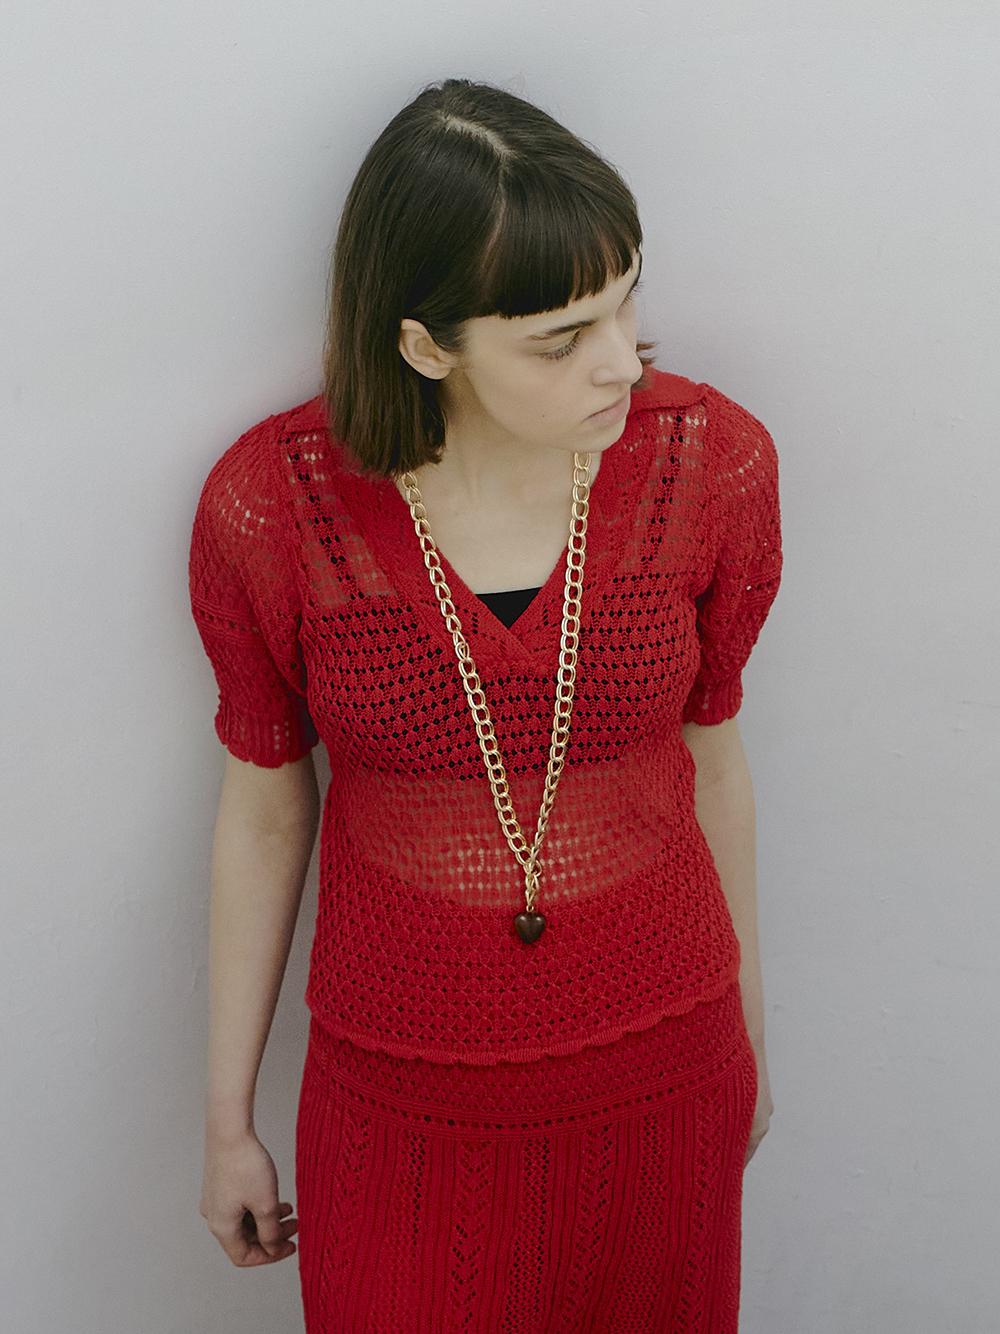 クロシェライク衿付きニットトップス(RED-F)